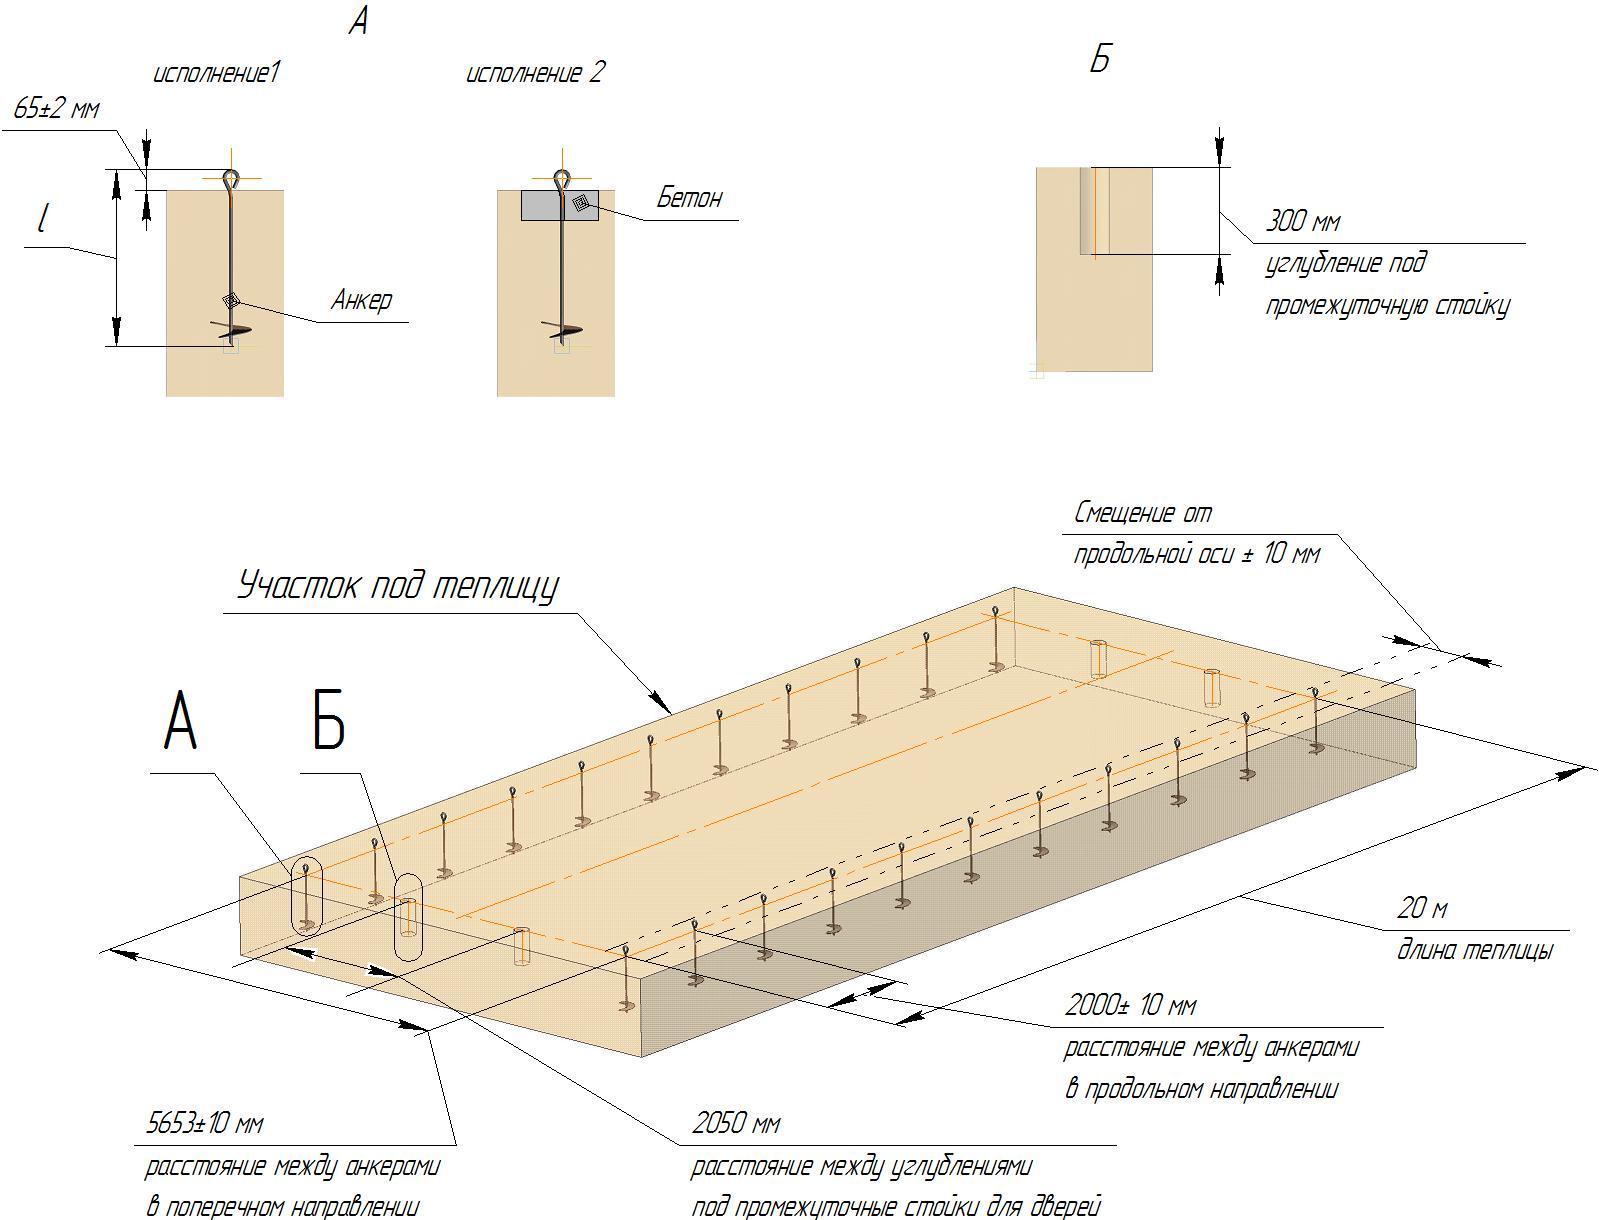 Схема планируемого участка под теплицу. Должны быть подготовлены углубления в грунте для промежуточных стоек торцевых арок, которые после установки стоек засыпаются грунтом или заливаются бетоном. В моделях «Фермер – 9» и «Фермер – 10» промежуточных стоек в два раза больше, т. е. 4 штуки на арку. Поэтому необходимо подготовить еще 4 углубления (по два на сторону).